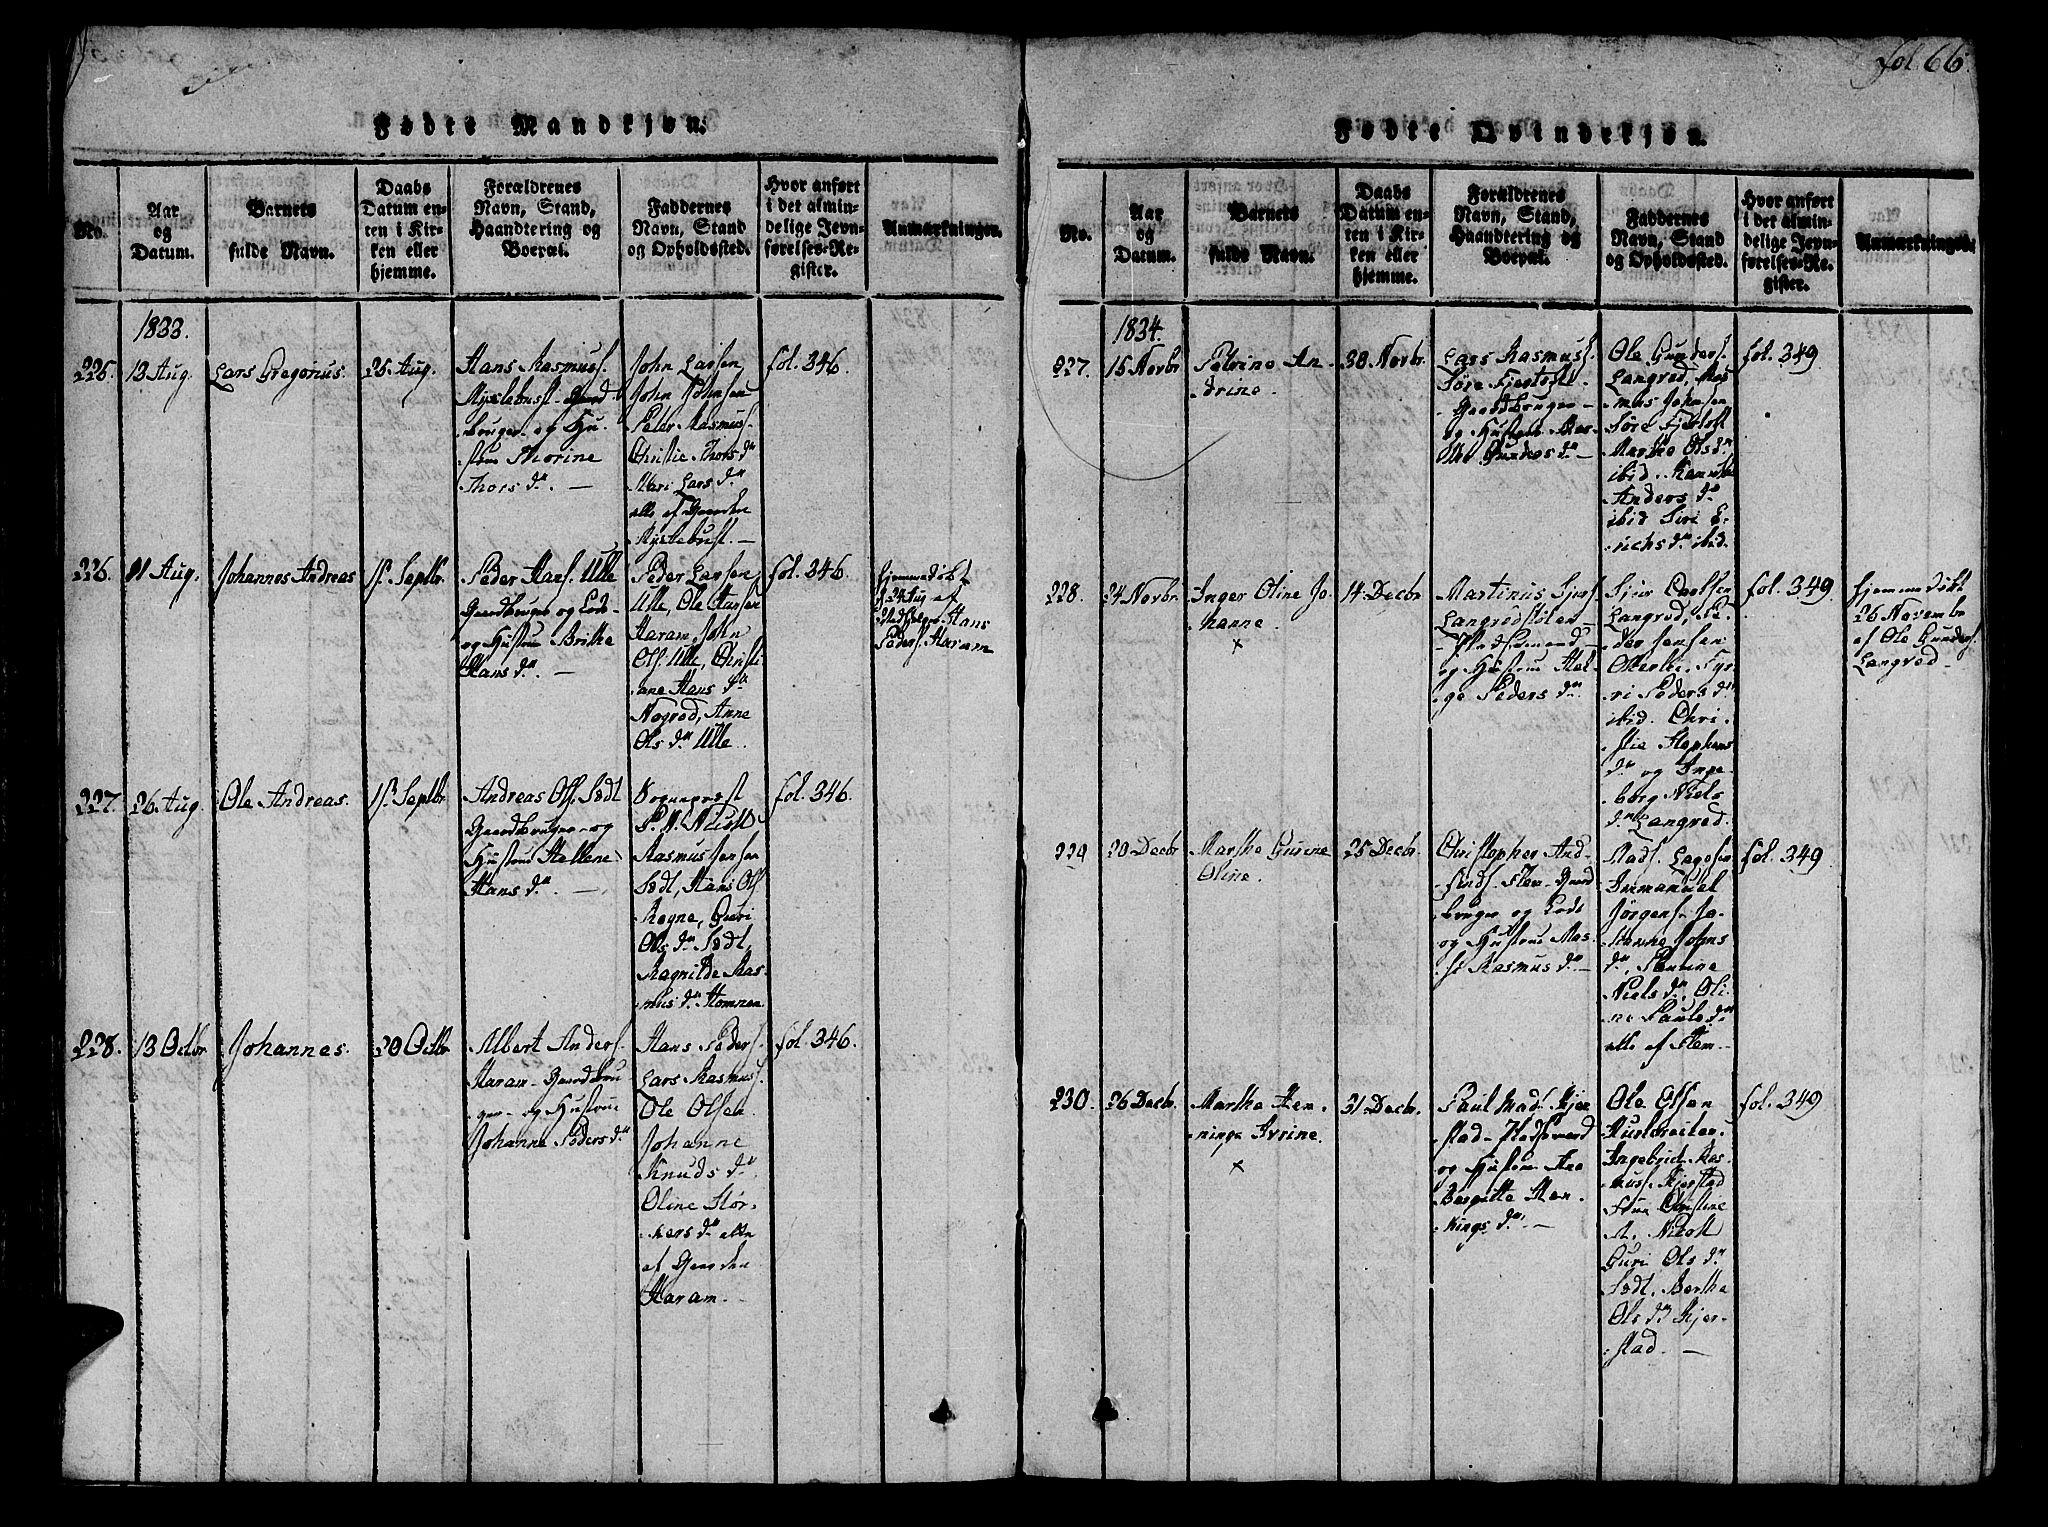 SAT, Ministerialprotokoller, klokkerbøker og fødselsregistre - Møre og Romsdal, 536/L0495: Ministerialbok nr. 536A04, 1818-1847, s. 66